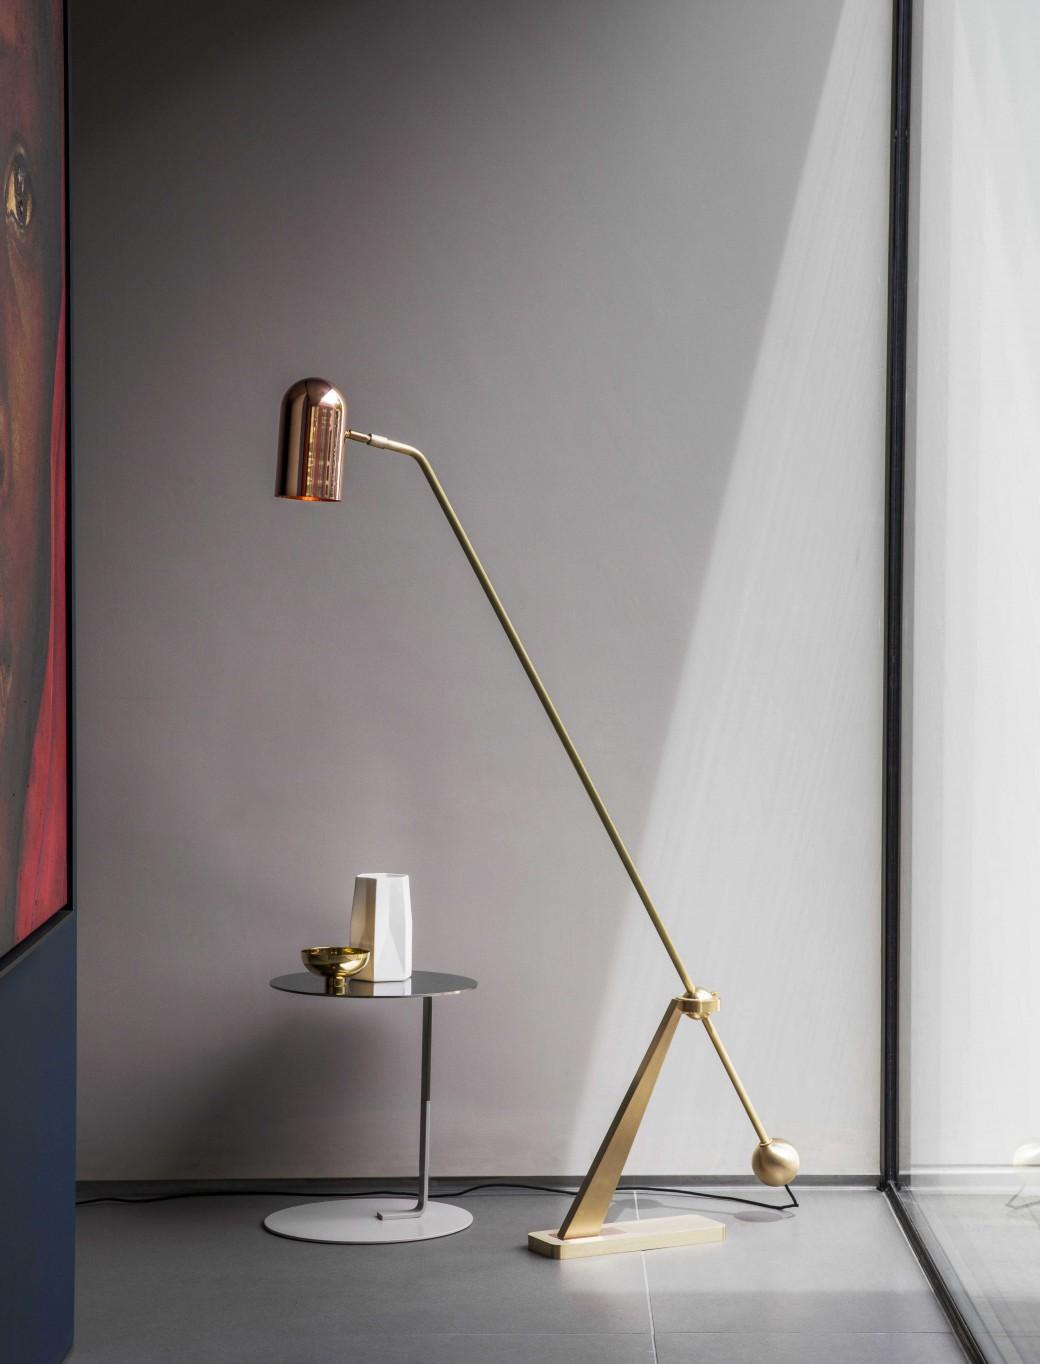 BERT FRANK STASIS FLOOR LAMP SMALL c